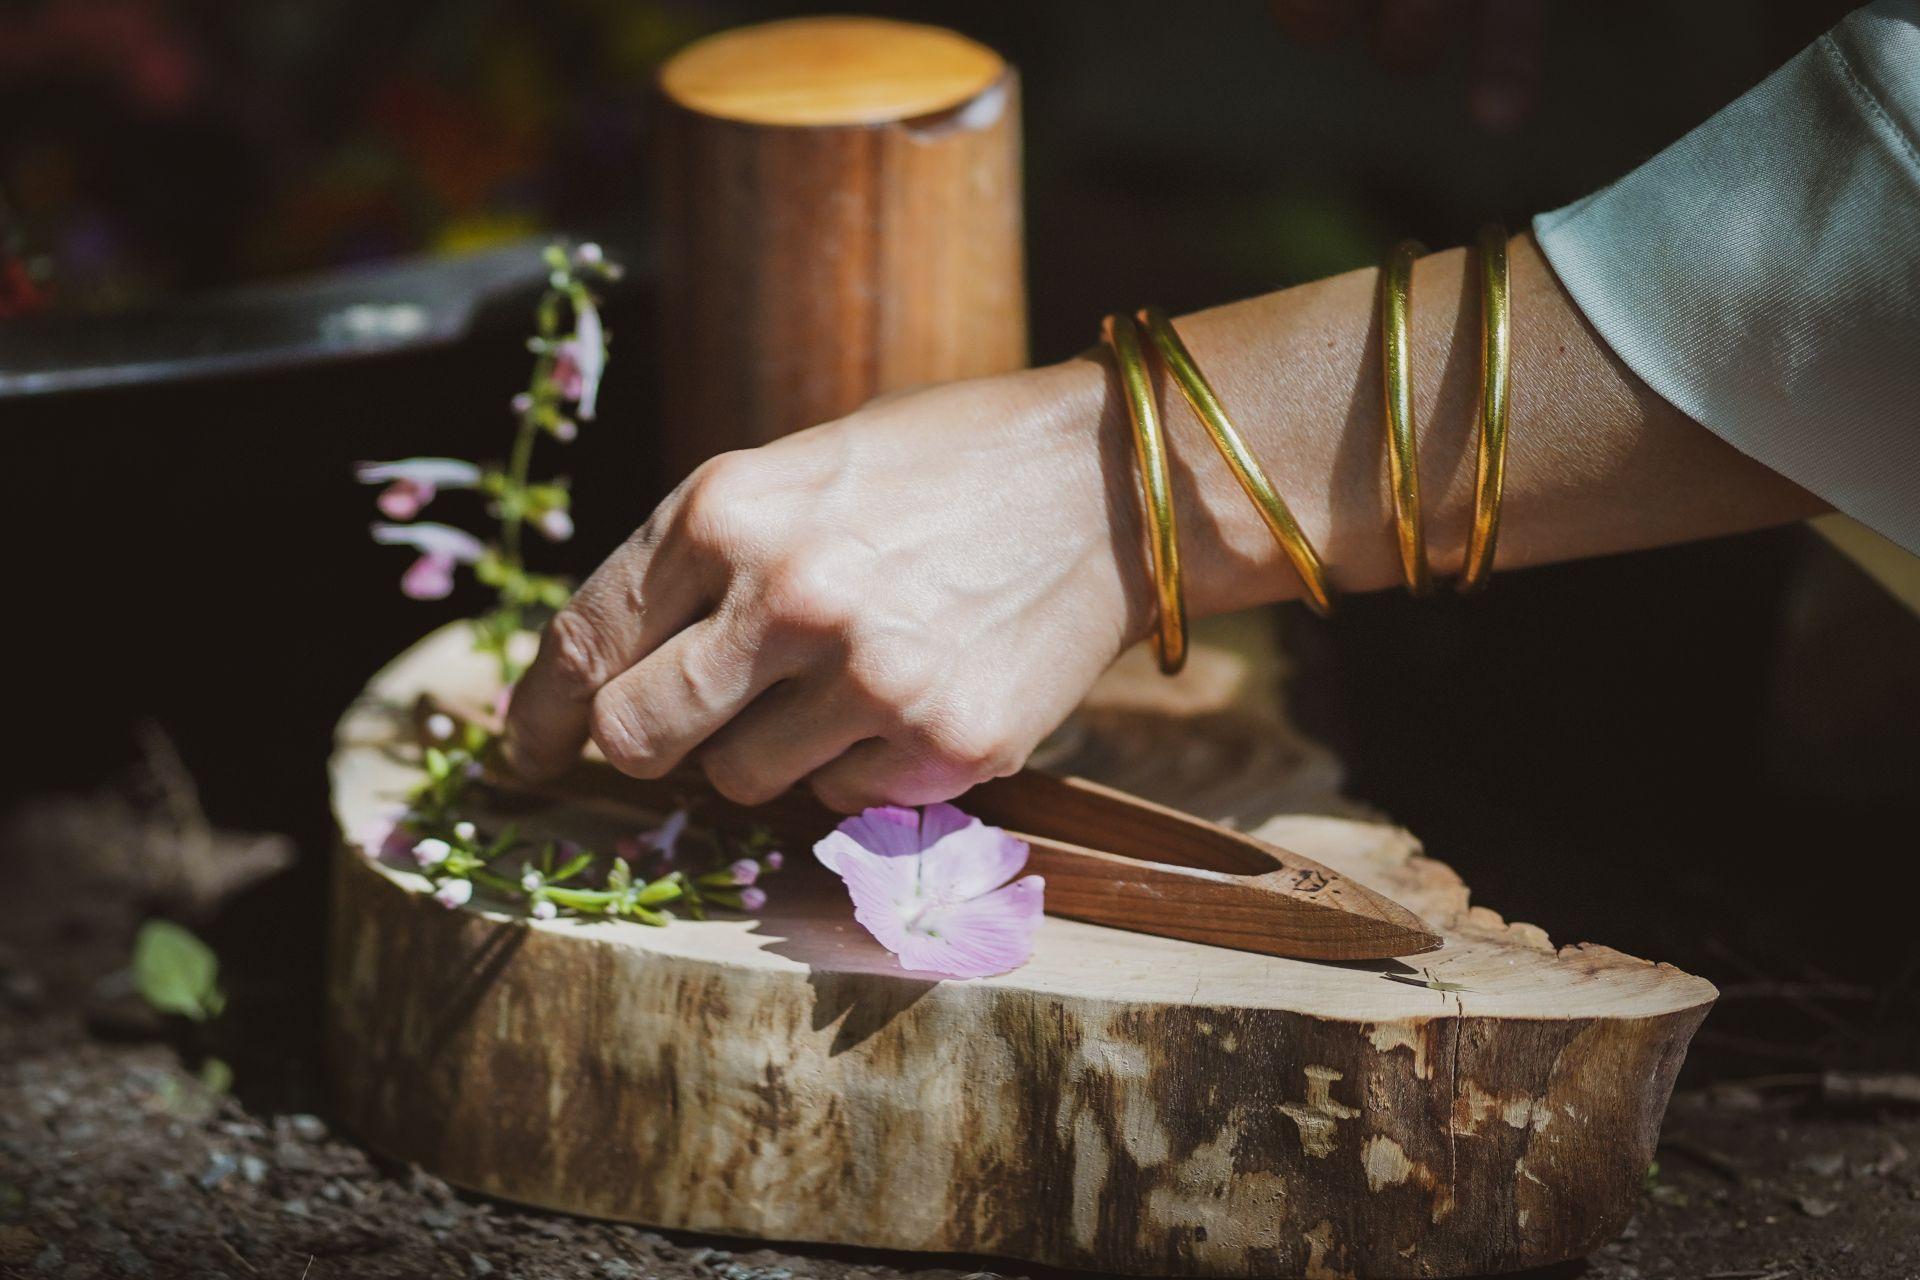 astrancia - service - ceremonie - passage de vie